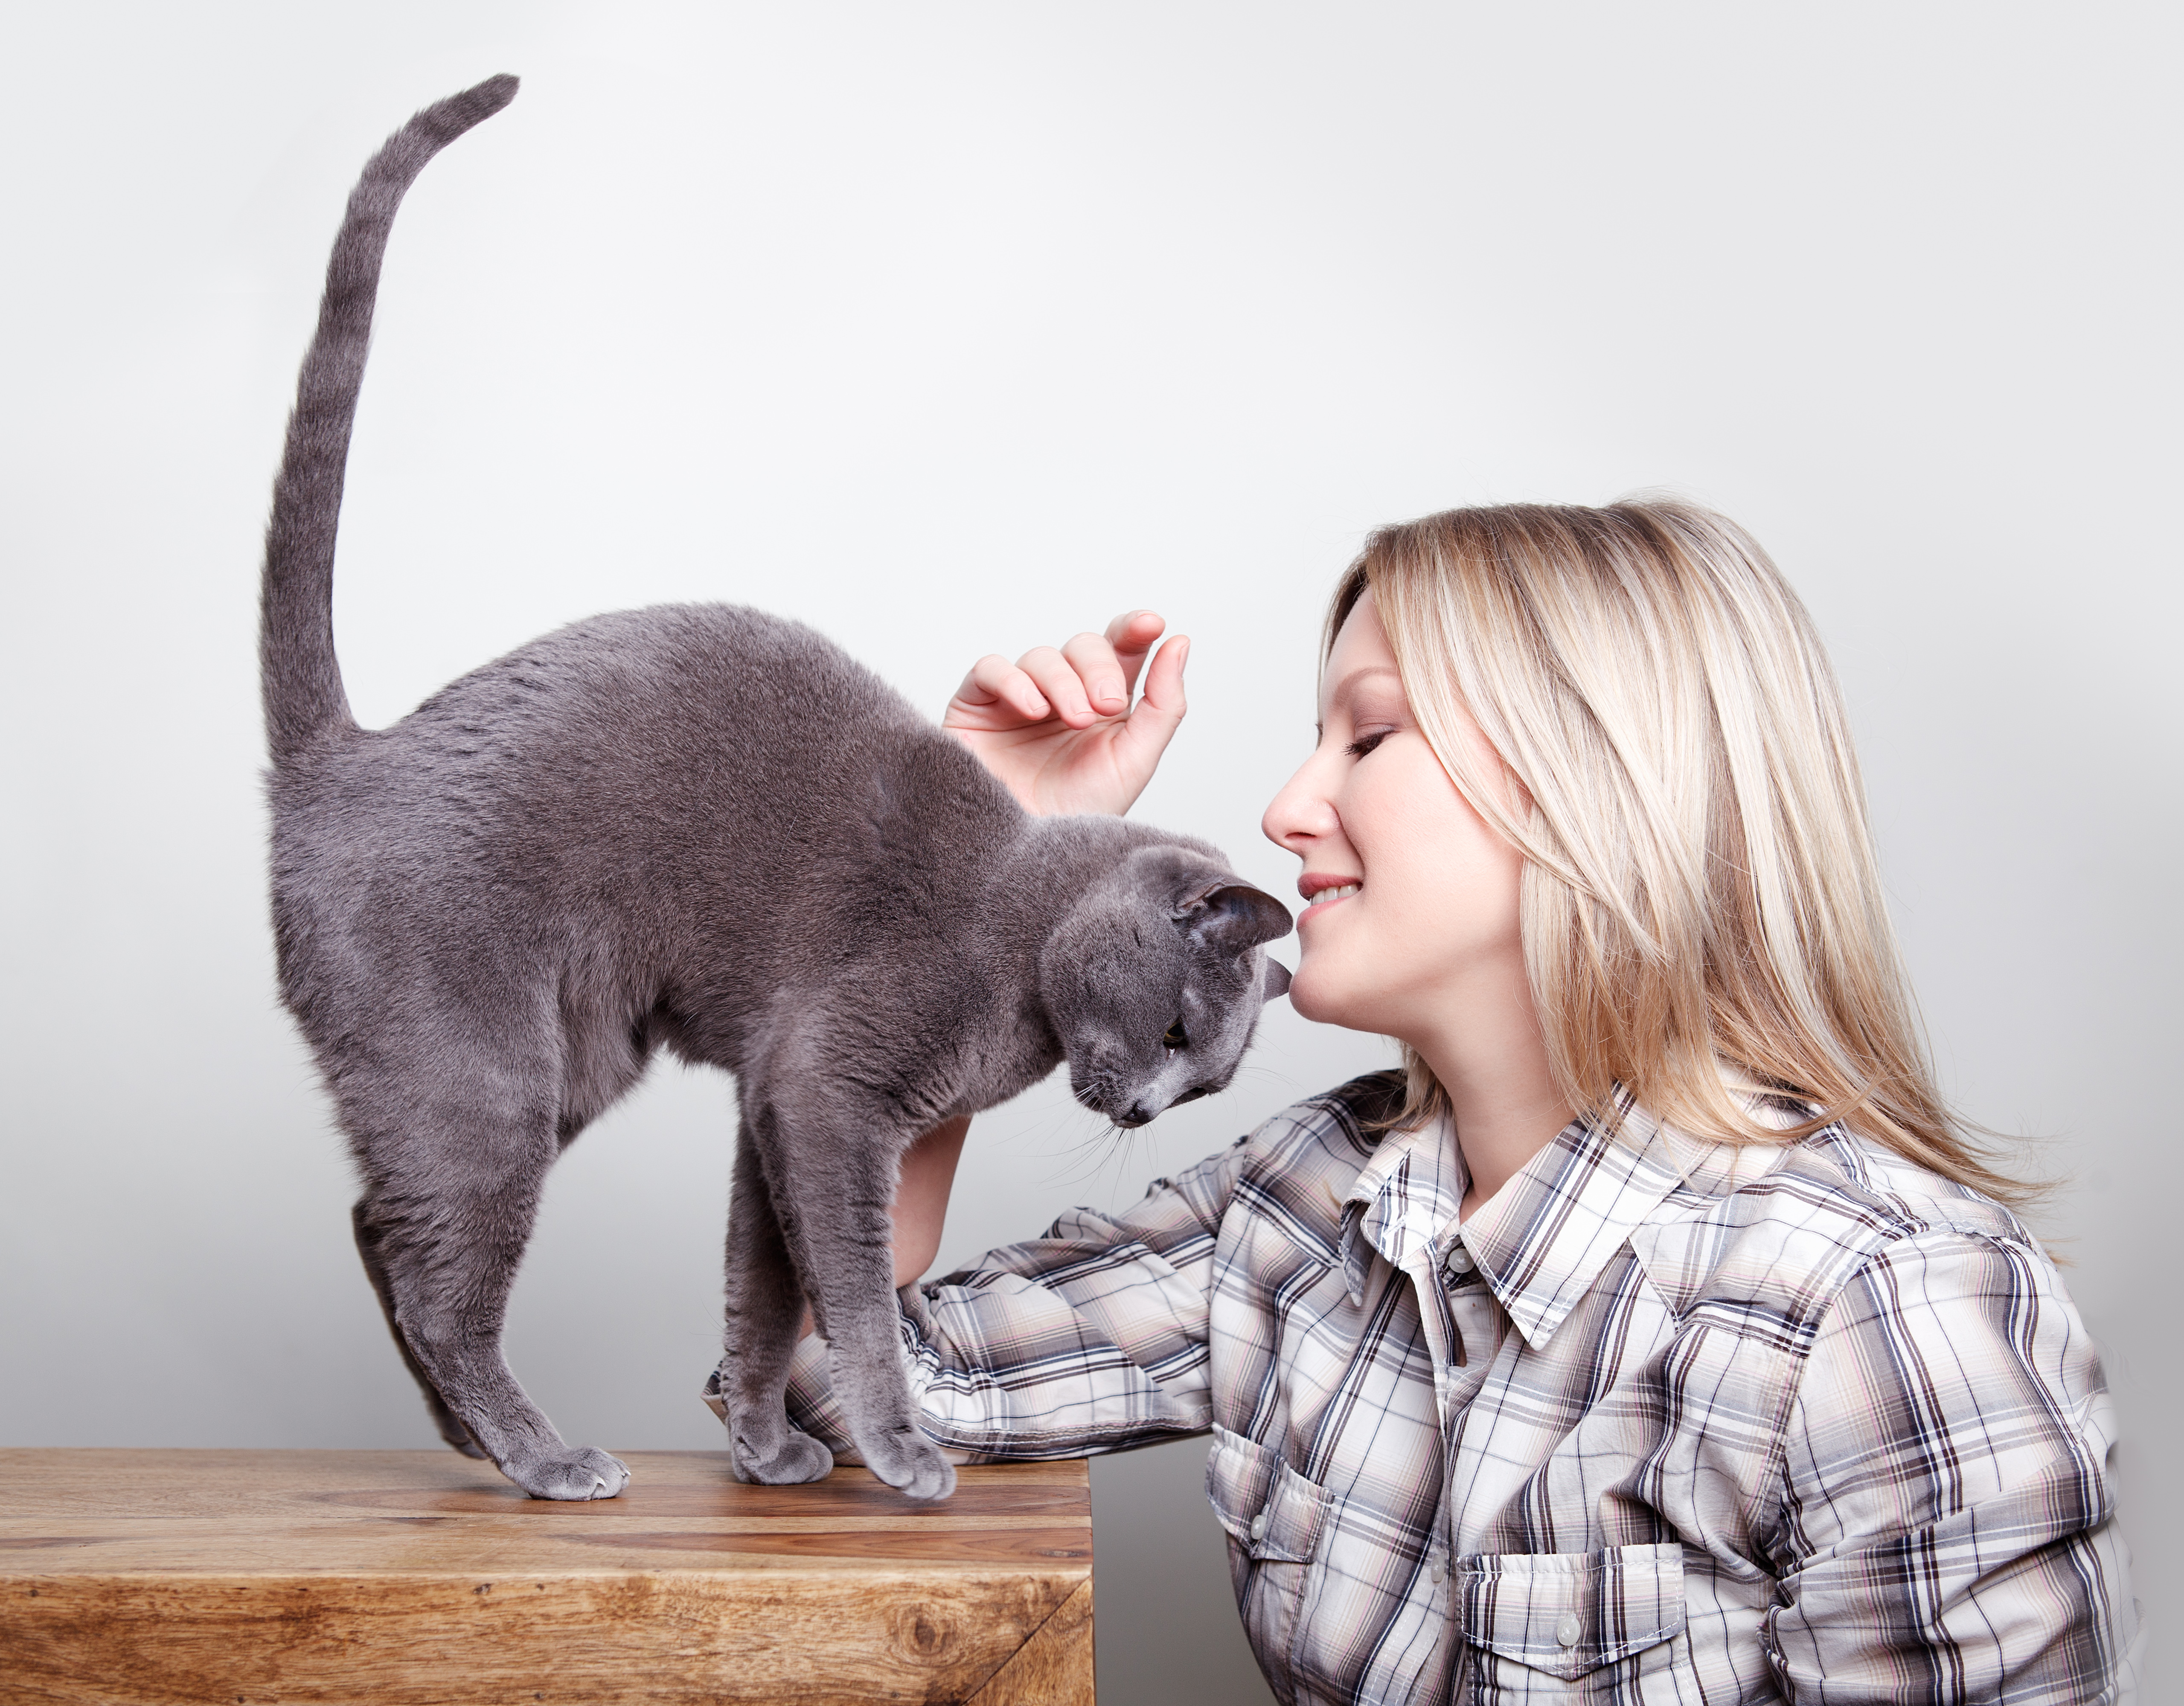 2. 8 maneras sorprendentes de tu gato de decirte Te quiero_5